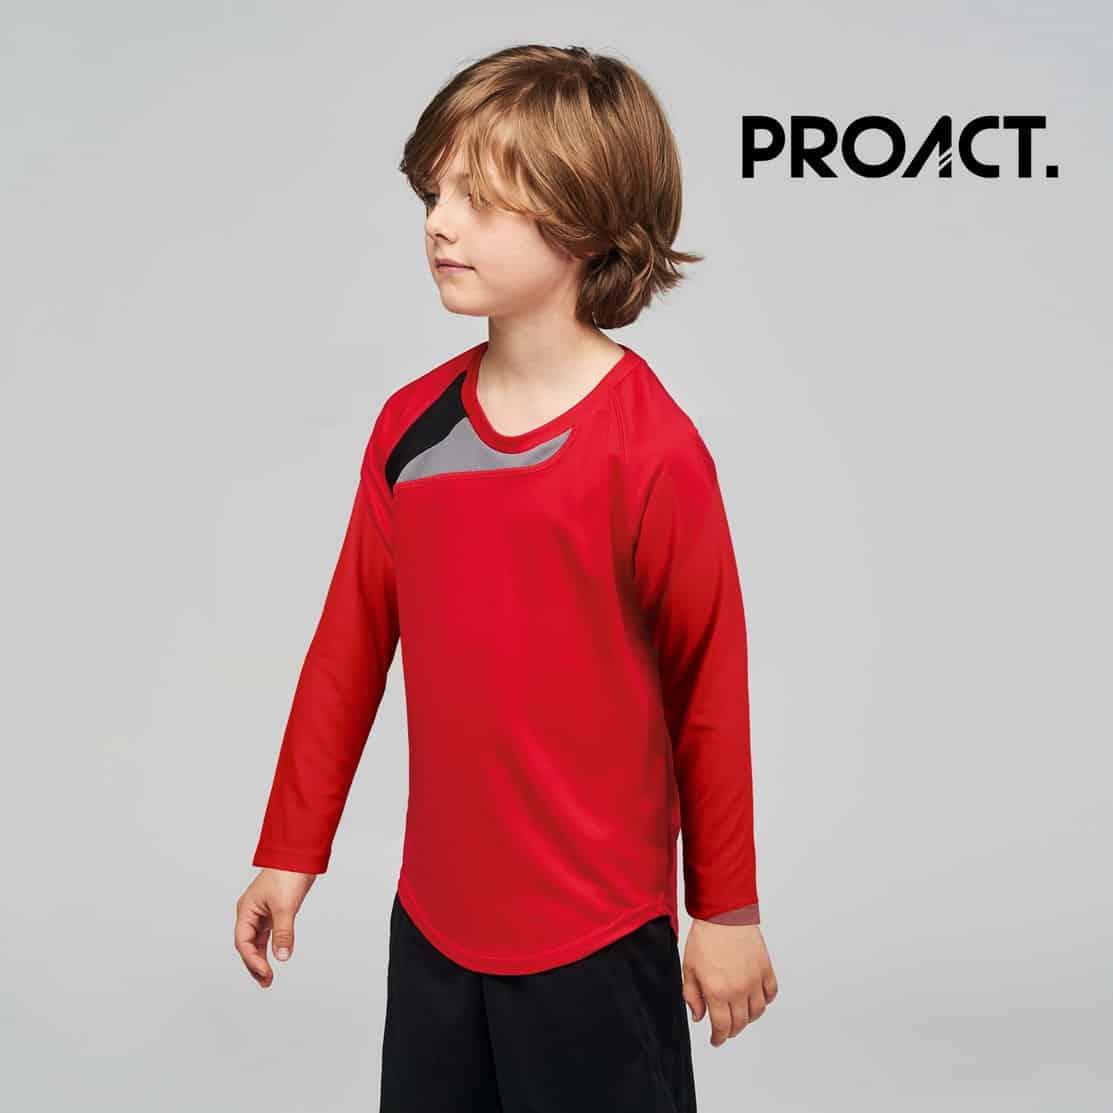 Bambino con maglia da calcio manica lunga rossa 100% poliestere